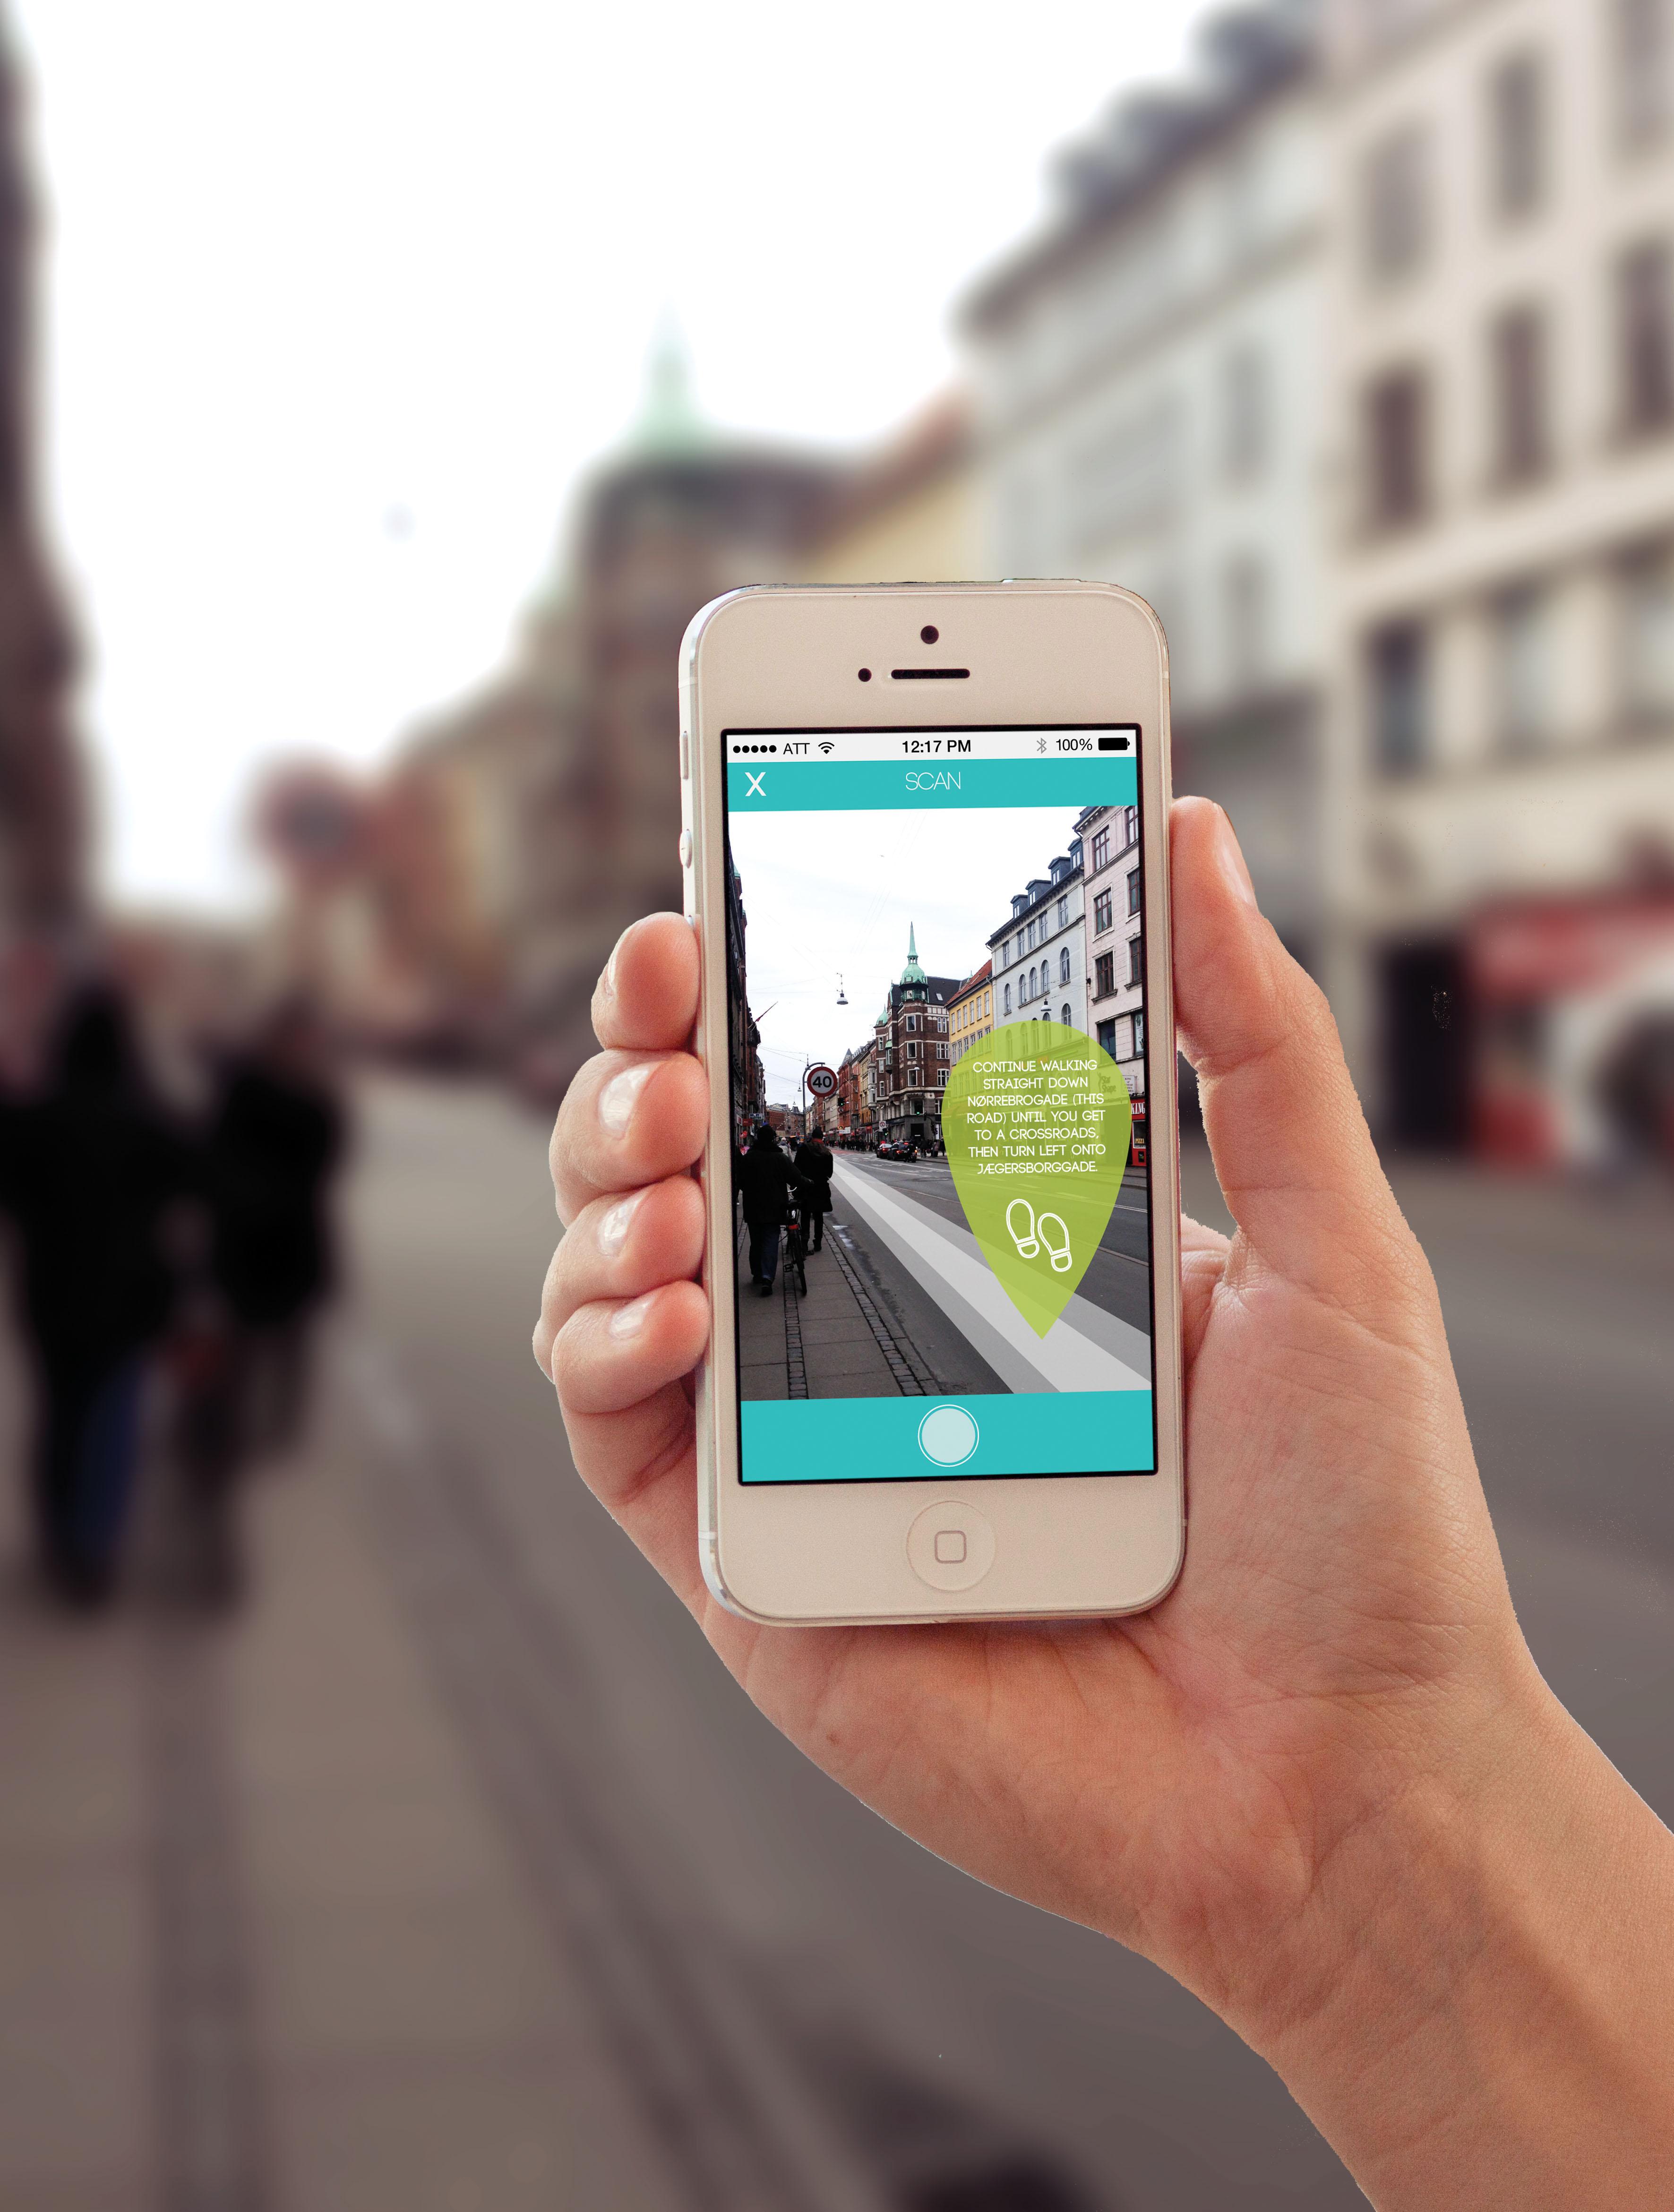 Access photos on iphone